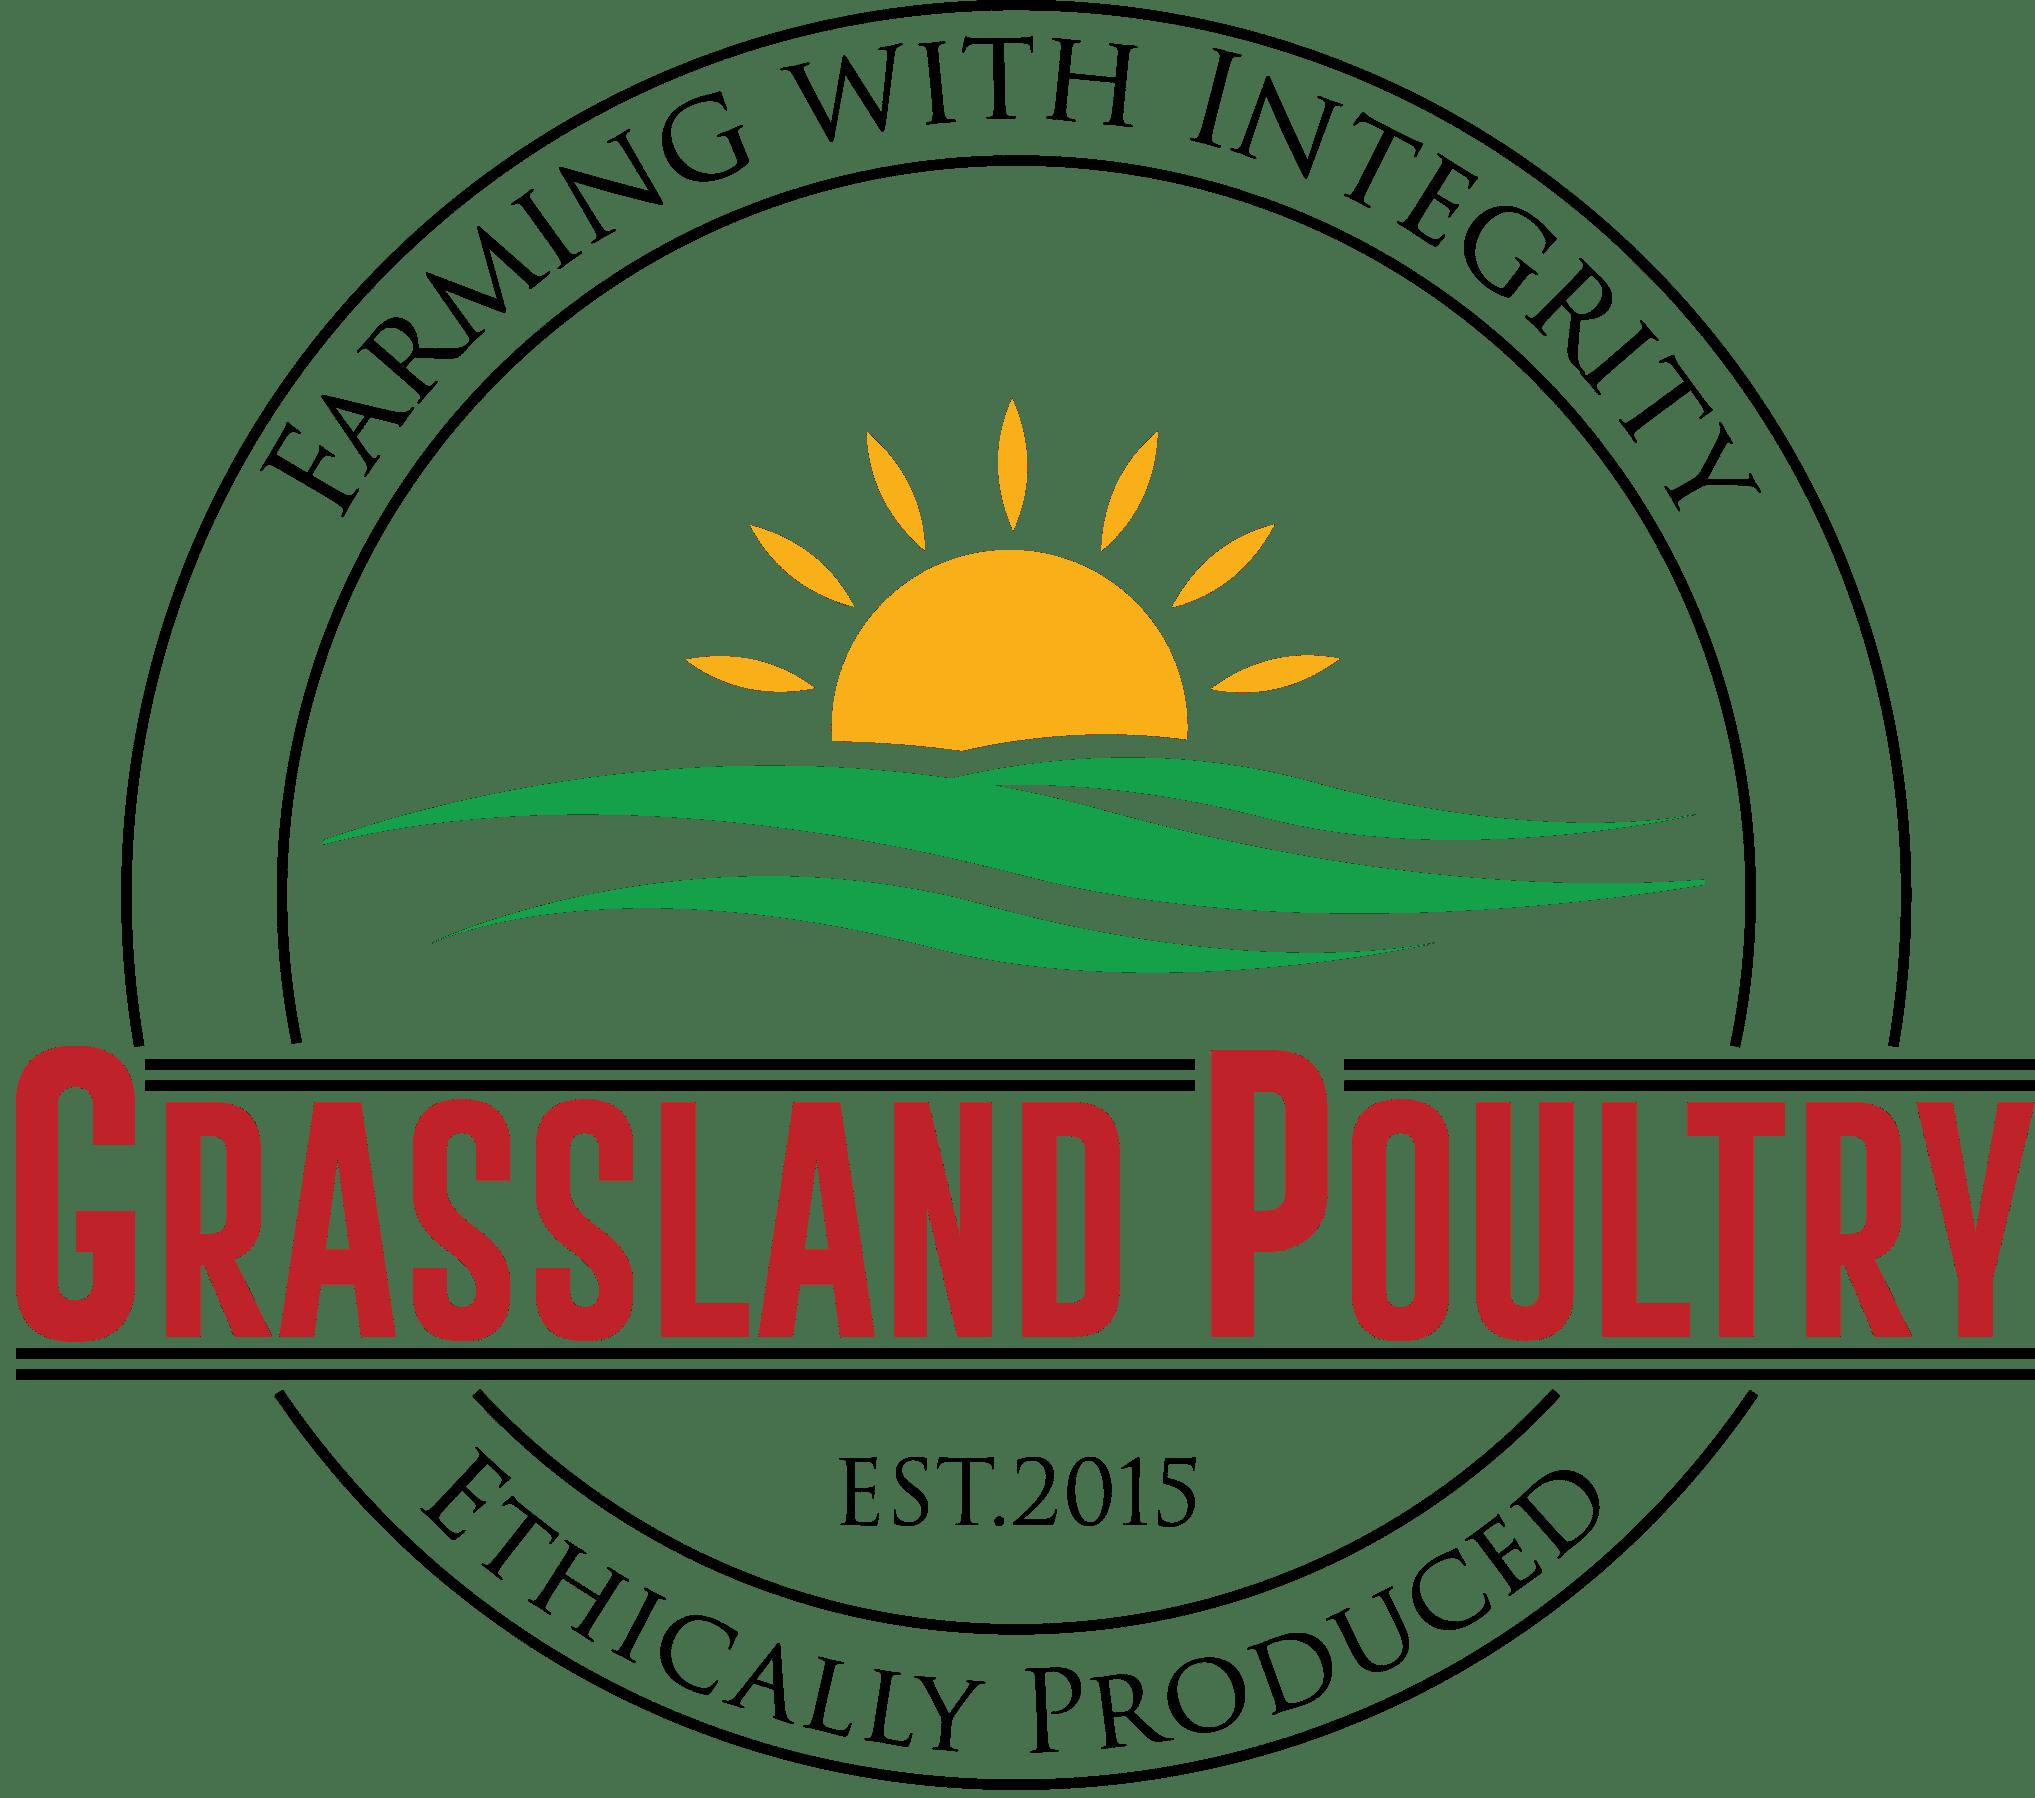 Grassland Poultry